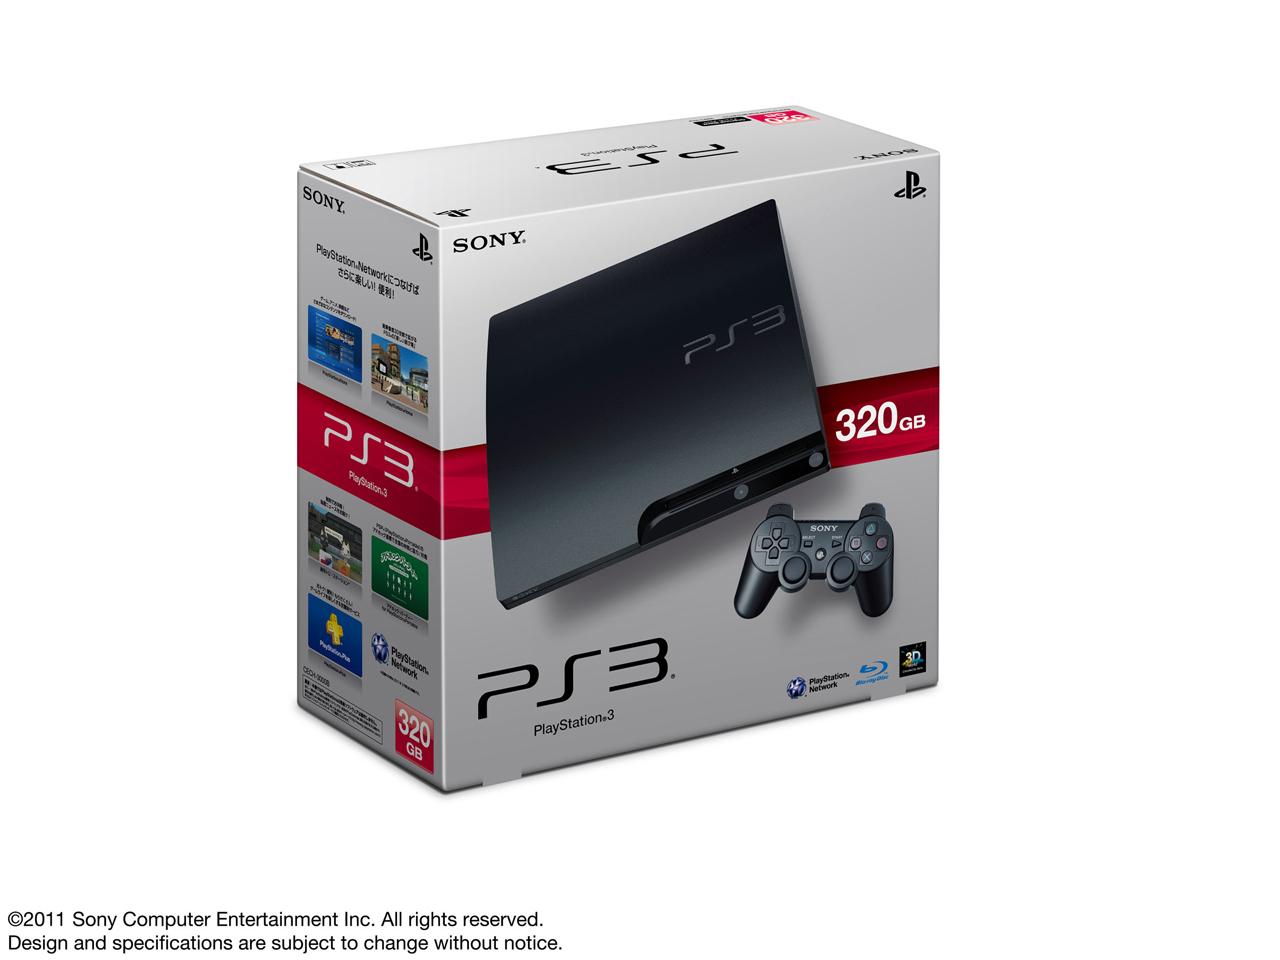 プレイステーション3 HDD 320GB チャコール・ブラック CECH-3000B